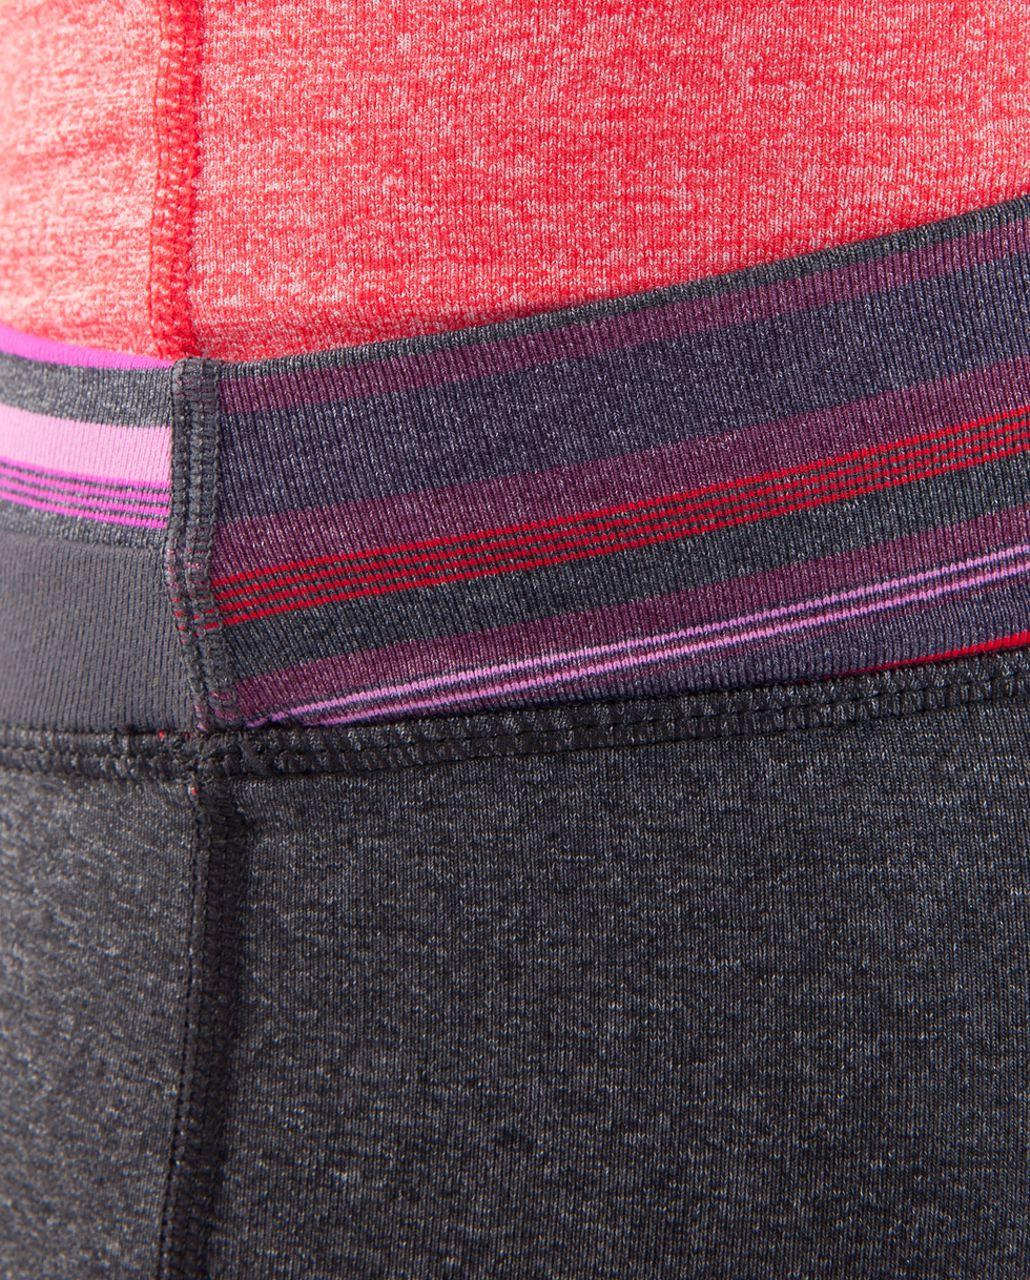 Lululemon Astro Pant (Regular) - Heathered Deep Coal /  Heathered Currant /  Currant